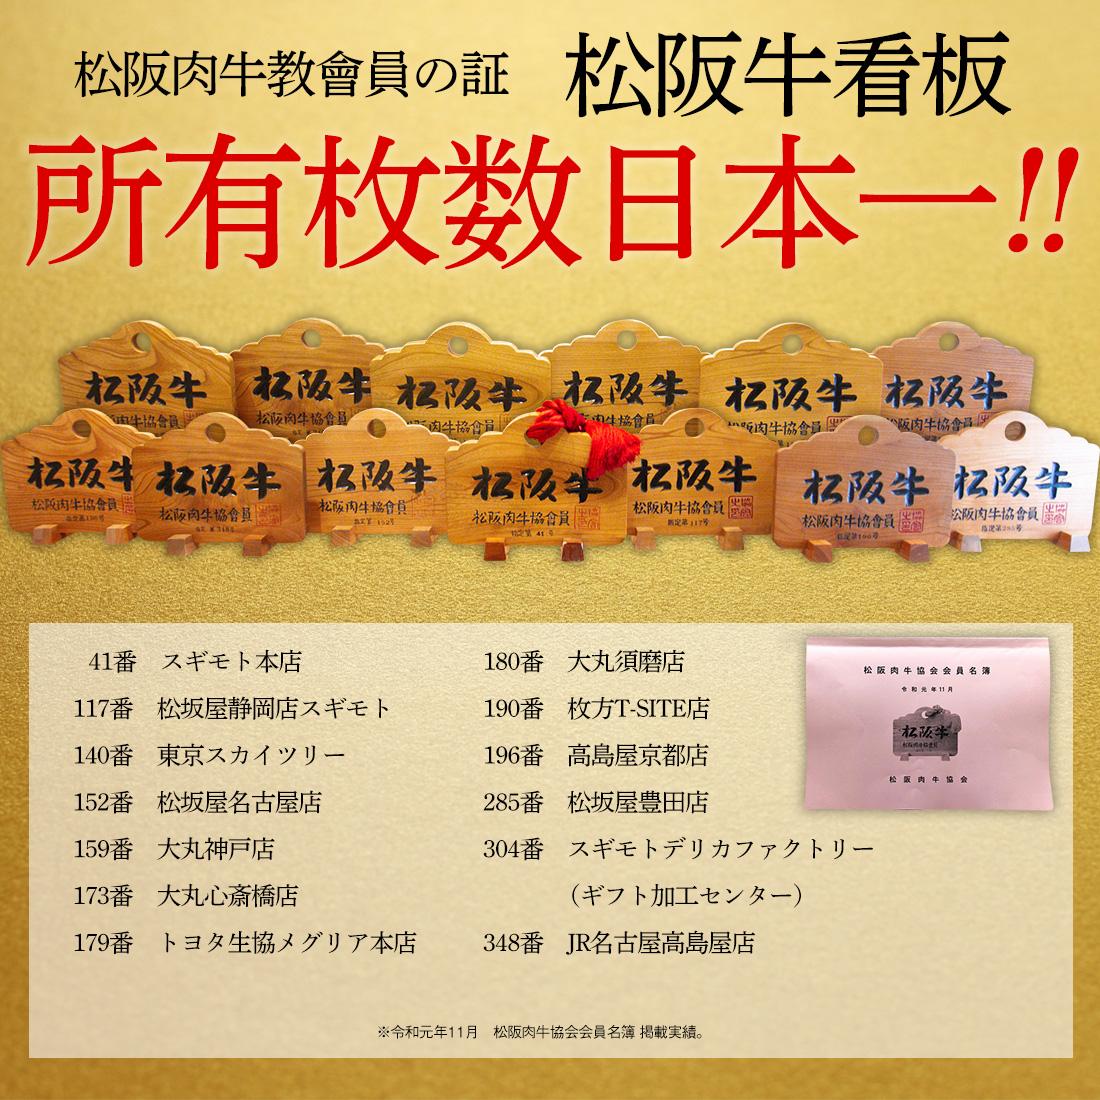 松阪牛 サーロインステーキ【冷凍配送】 1枚(180g) 単位 枚数をお選び下さい。